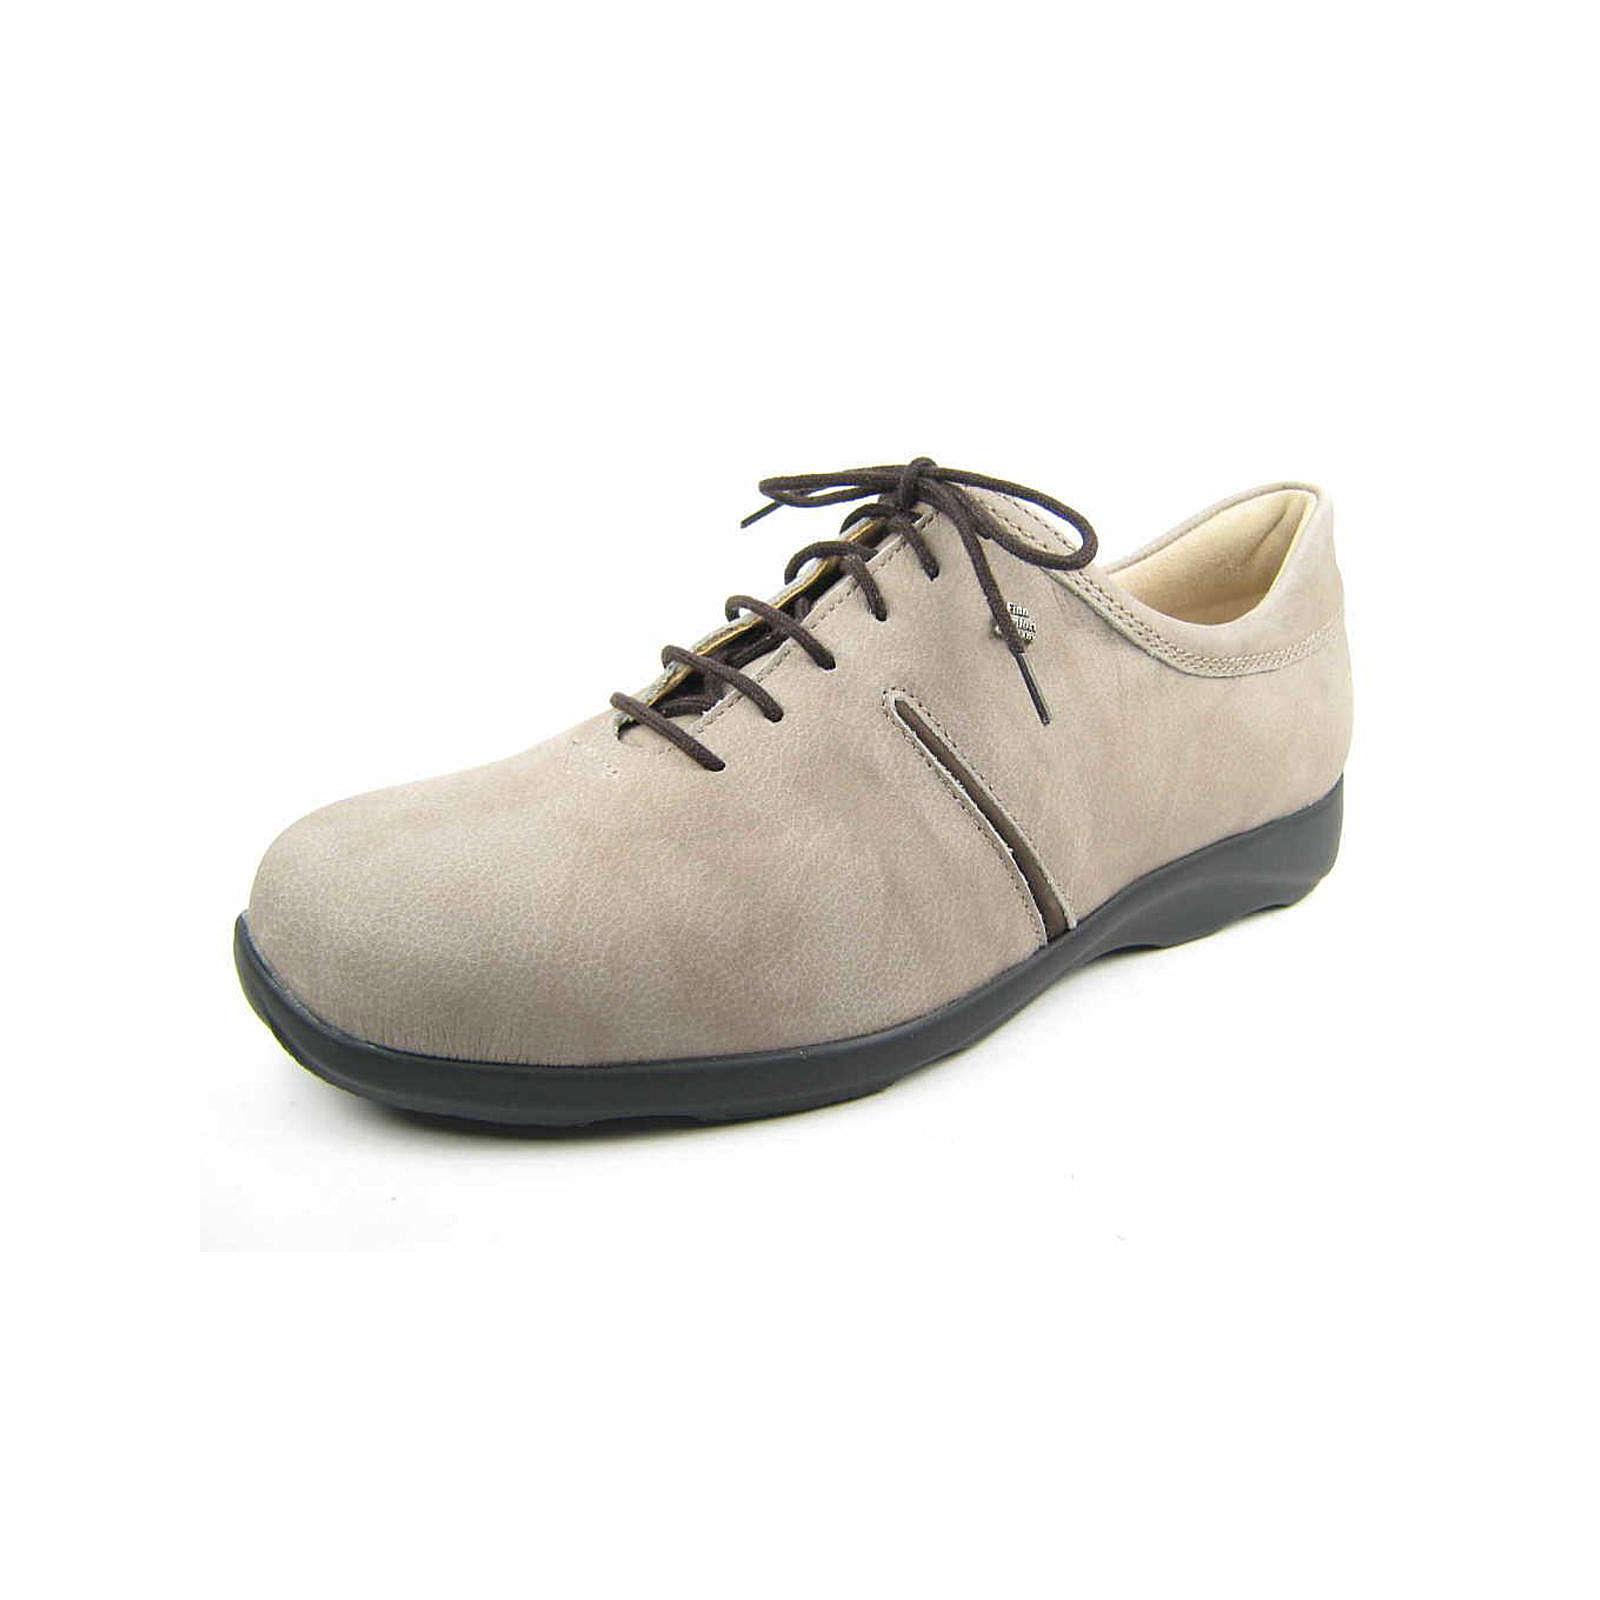 Finn Comfort Schnürschuhe beige beige Damen Gr. 37,5